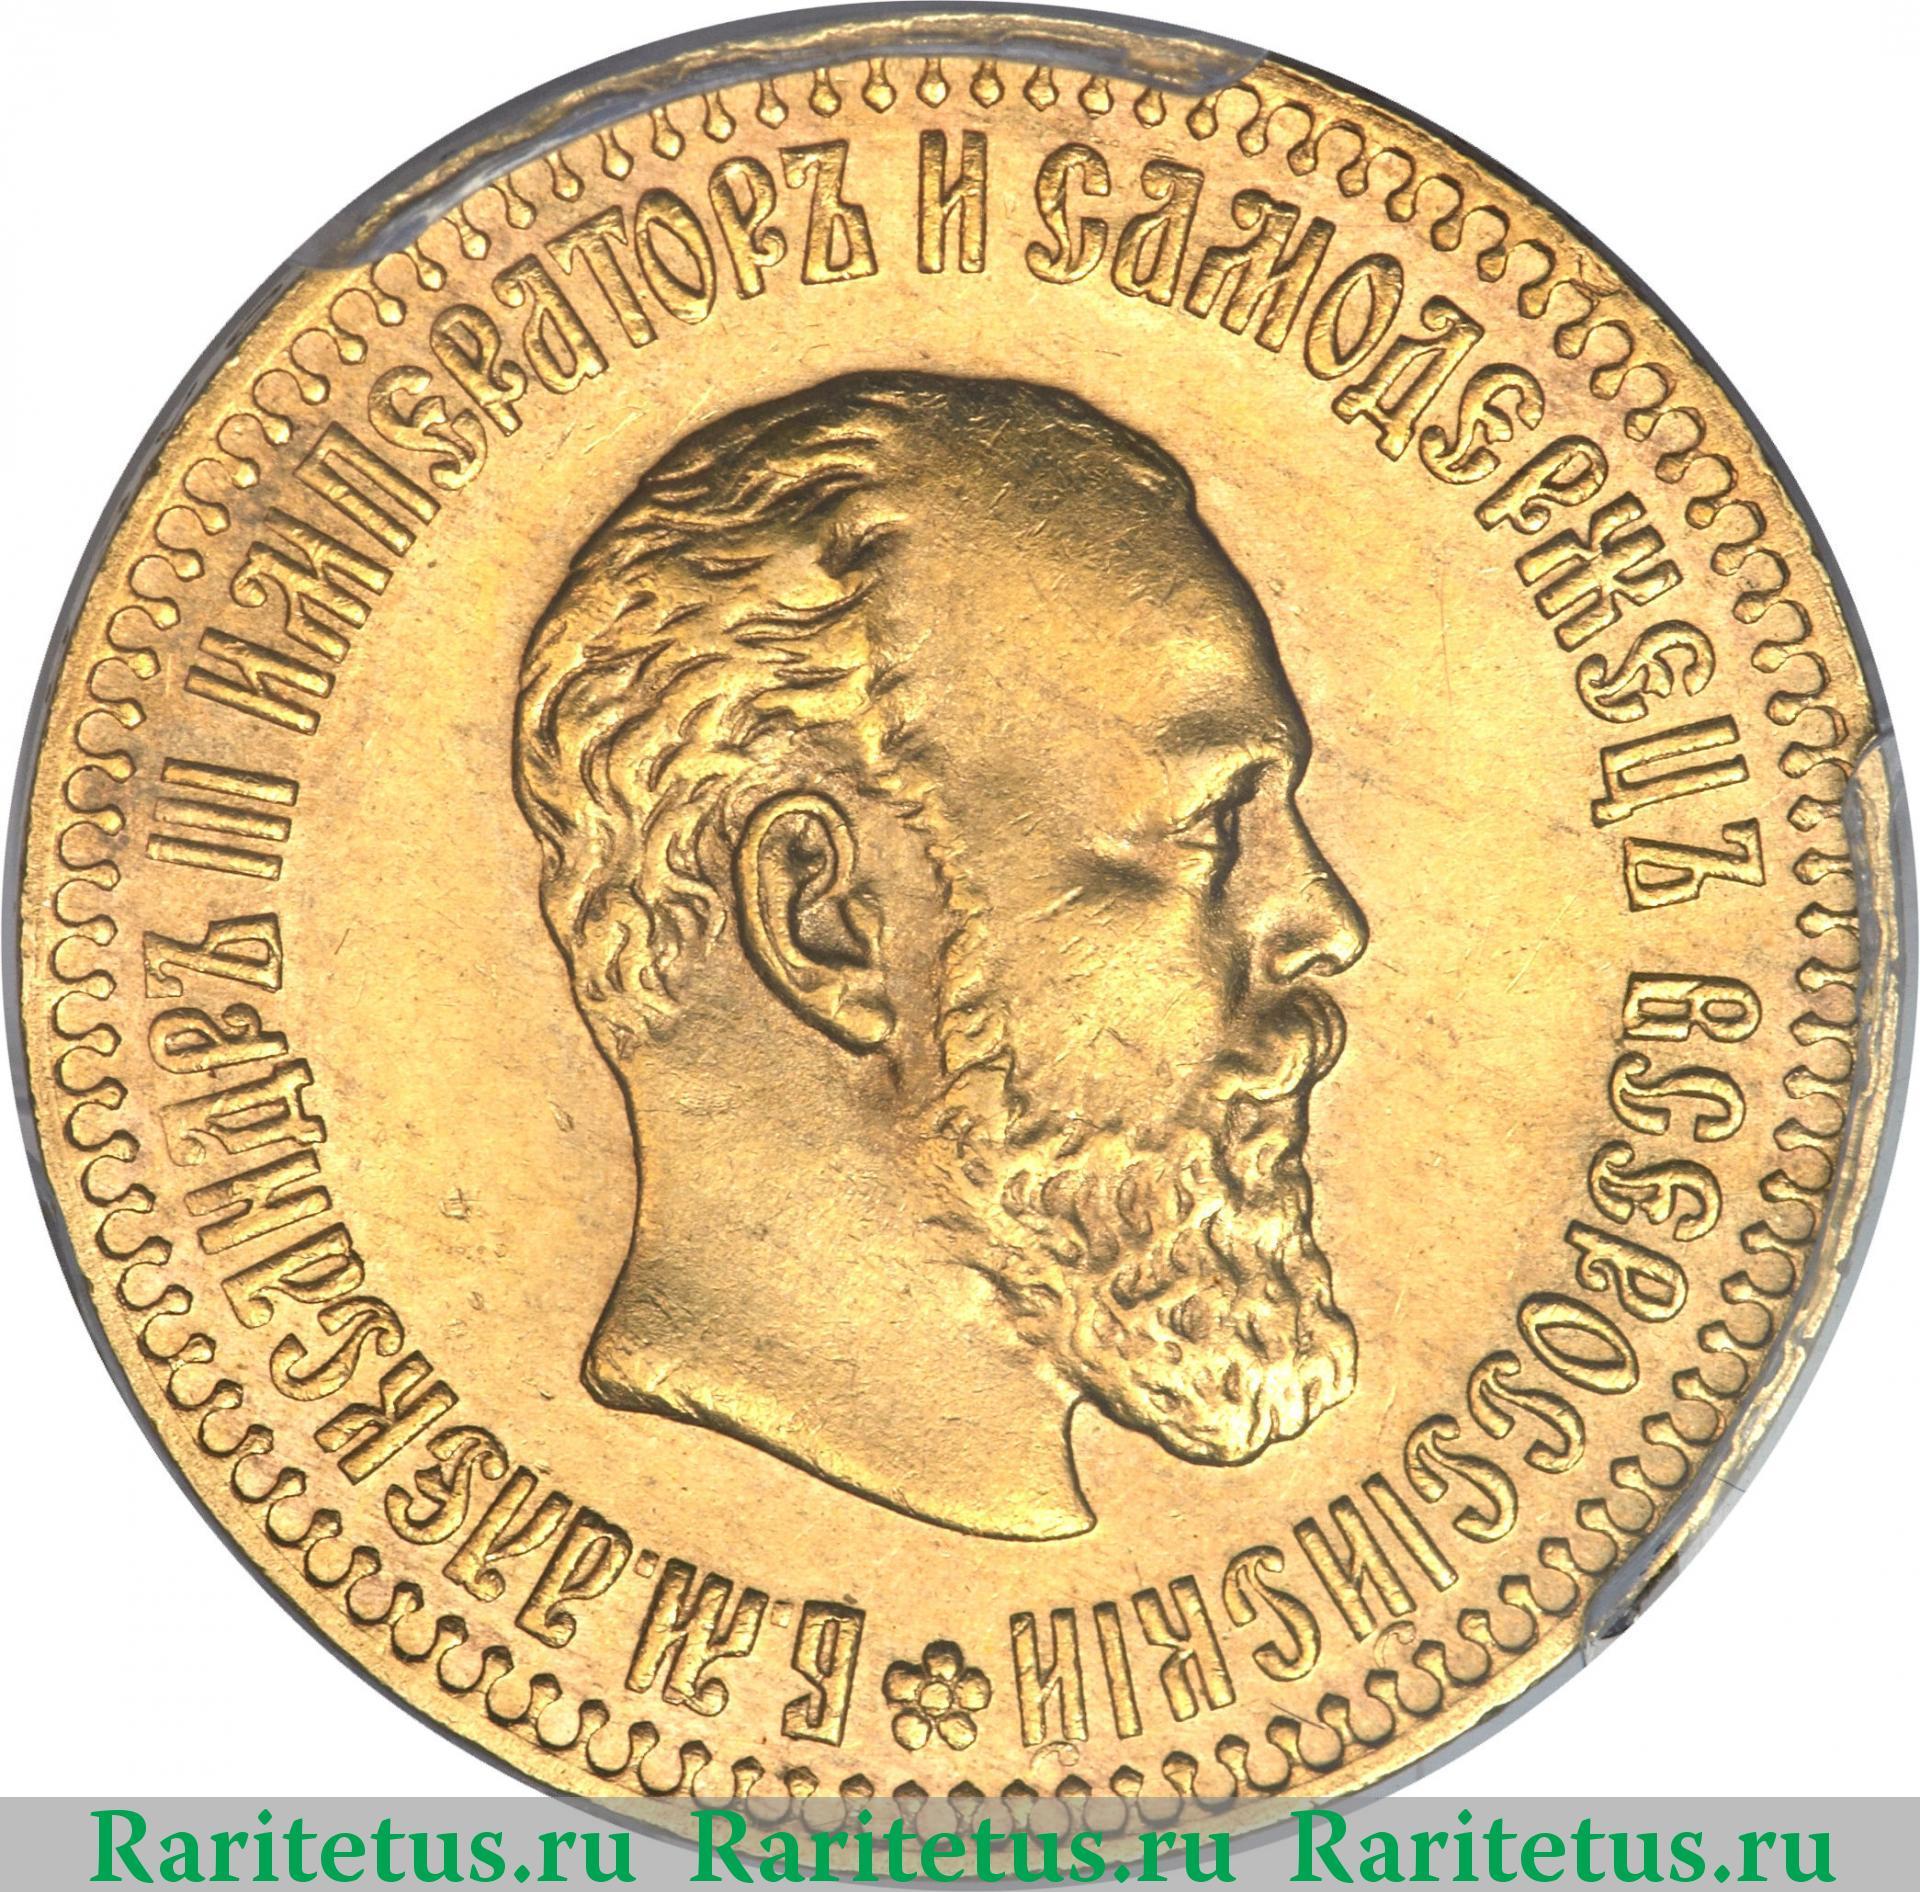 10 рублей 1894 года стоимость города воинской славы 10 рублей список цена